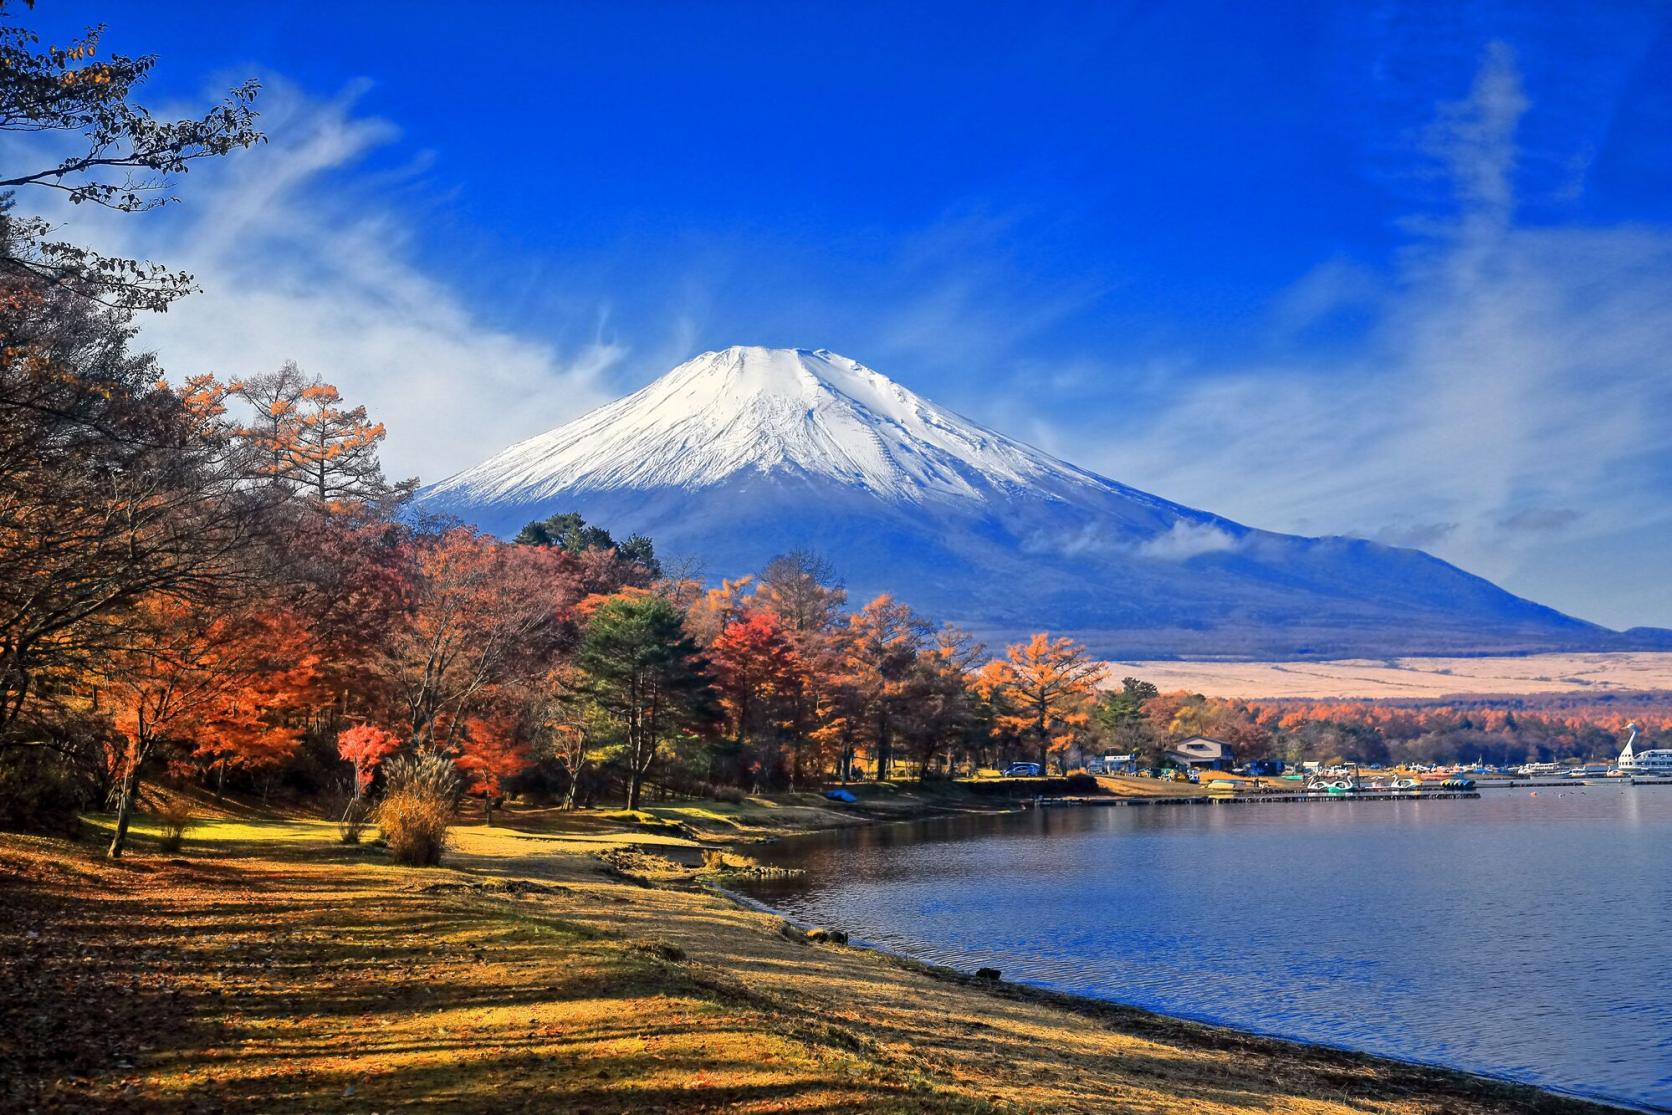 山中湖フォトグランプリ 2019年度 入選作品-1